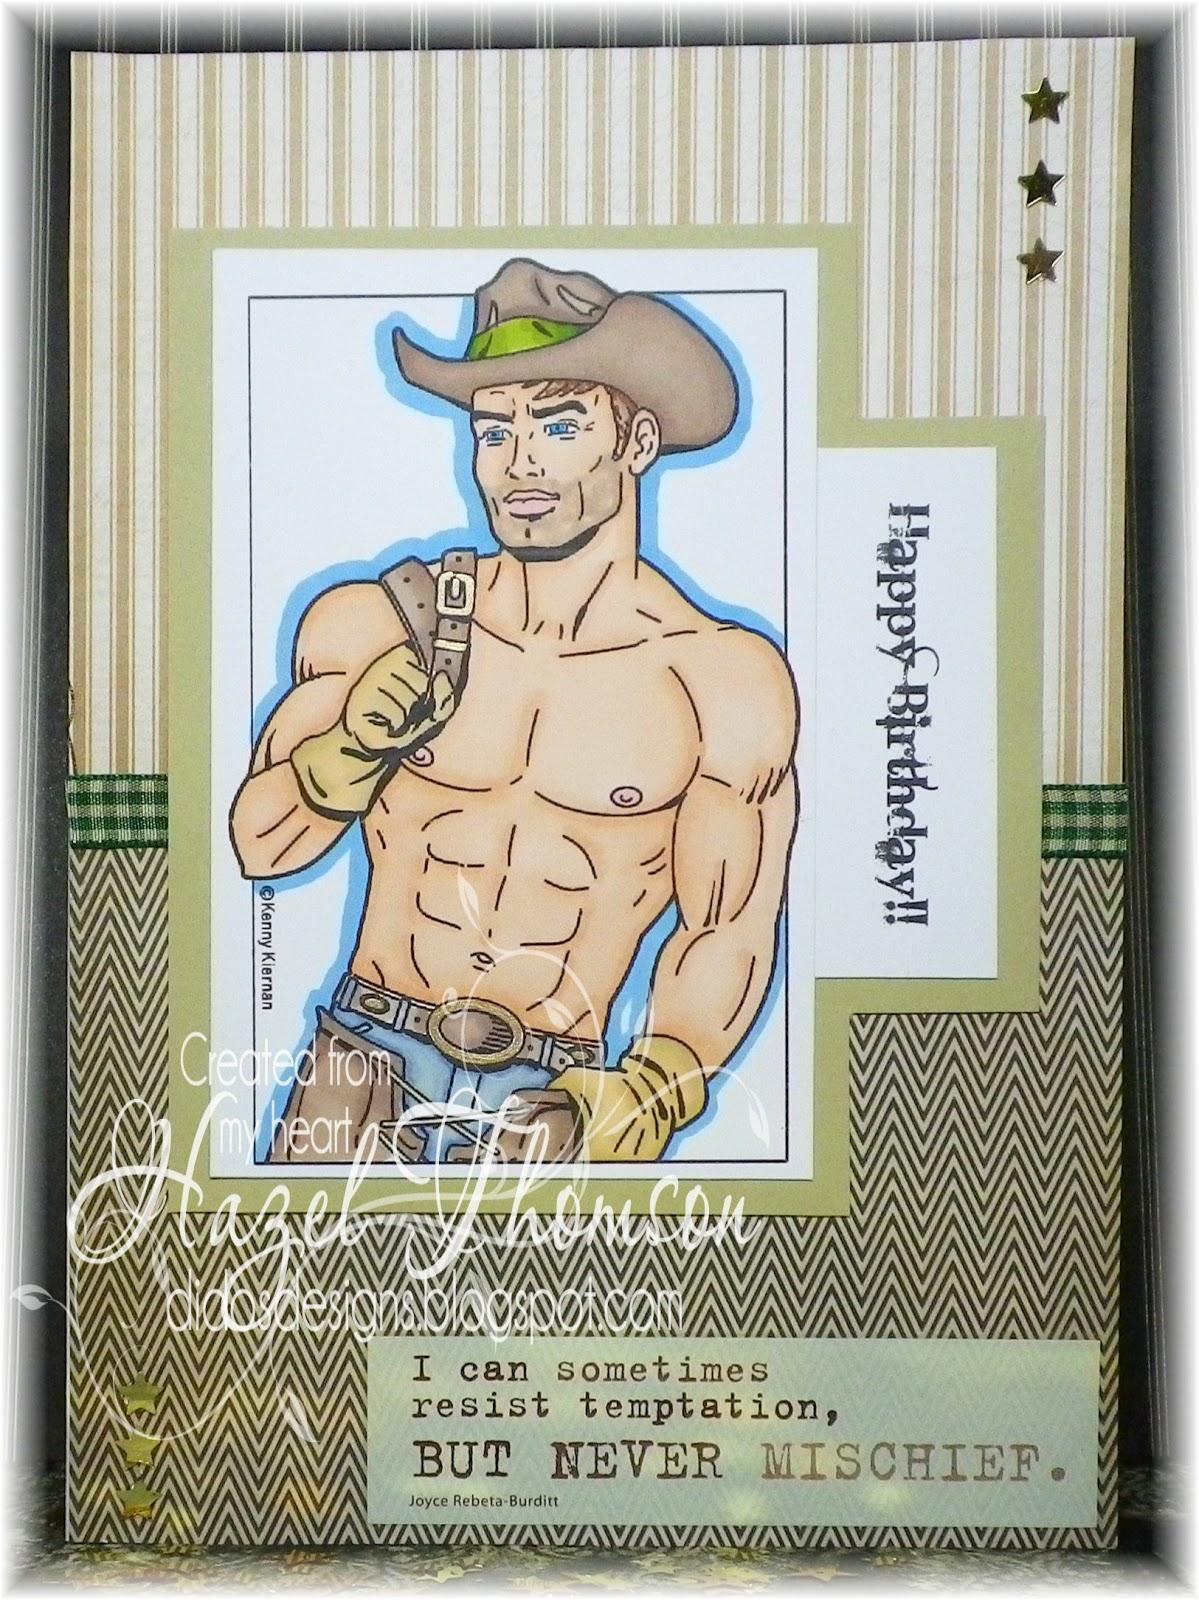 http://2.bp.blogspot.com/-RjX-cqB2B6g/UN8Jeq48_8I/AAAAAAAAKlg/EvHOtnVCxJM/s1600/Cards+By+Dido\'s+Designs+020.JPG